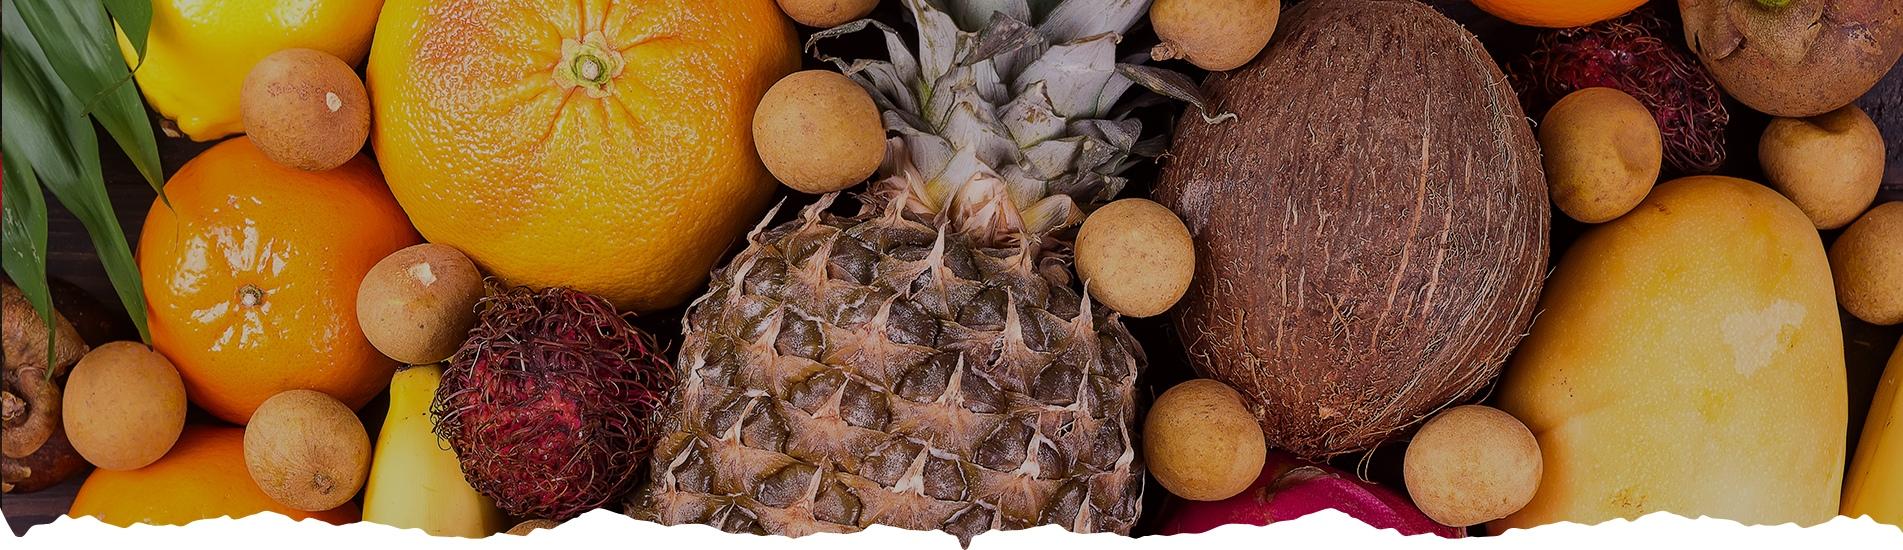 פירות - משק מיכאלי - סלי ירקות ופירות